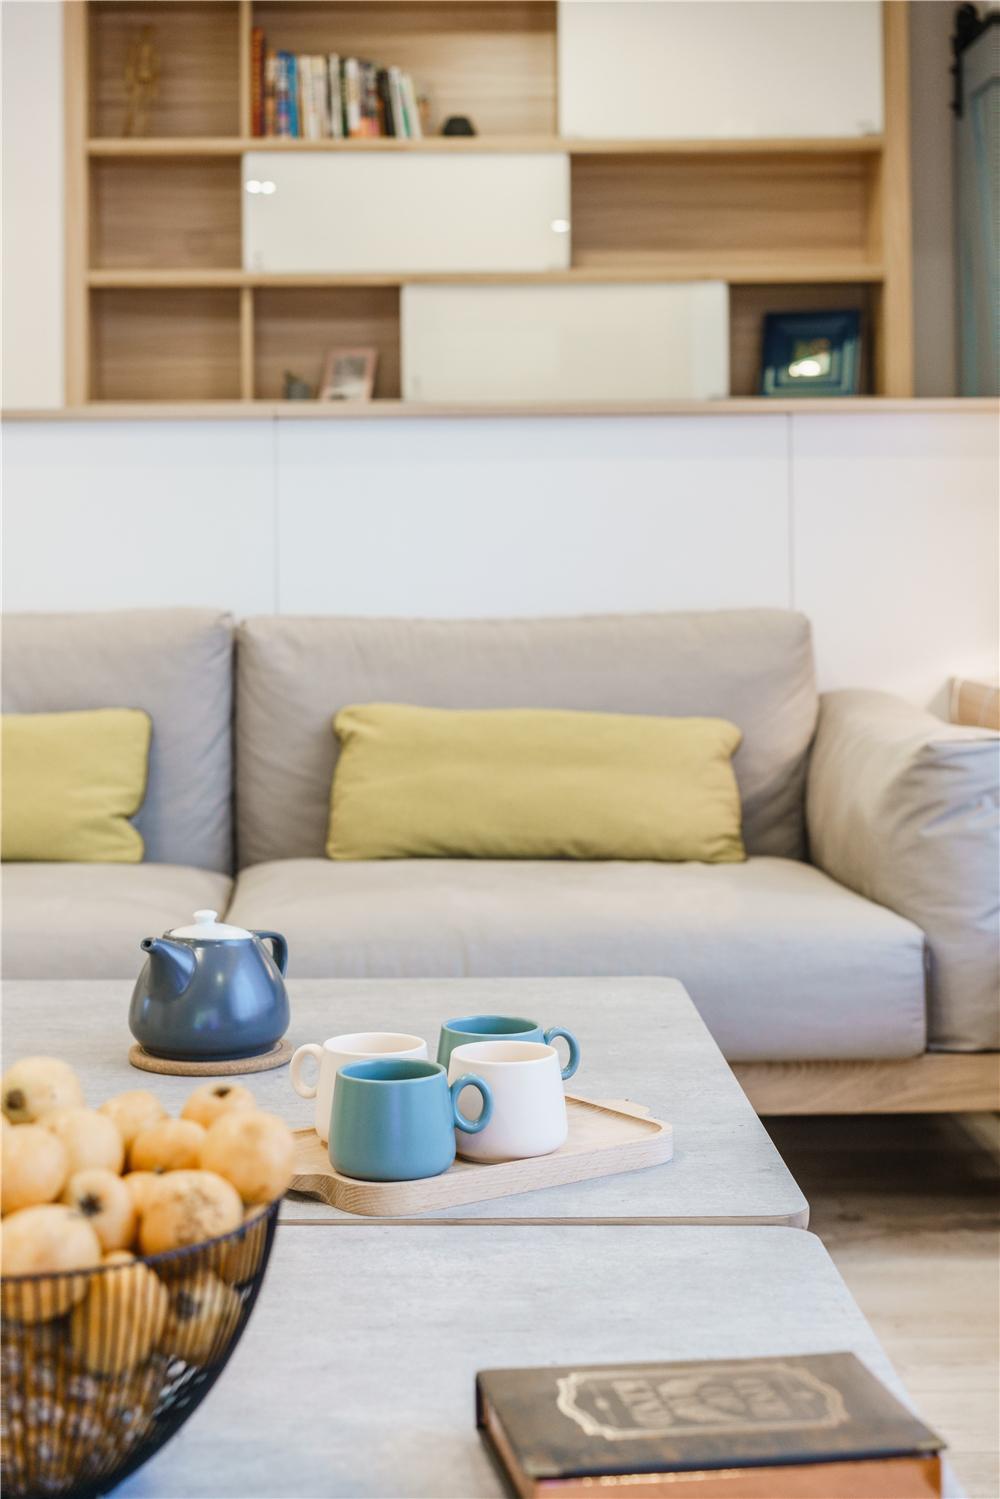 日式北欧风三居装修客厅小景